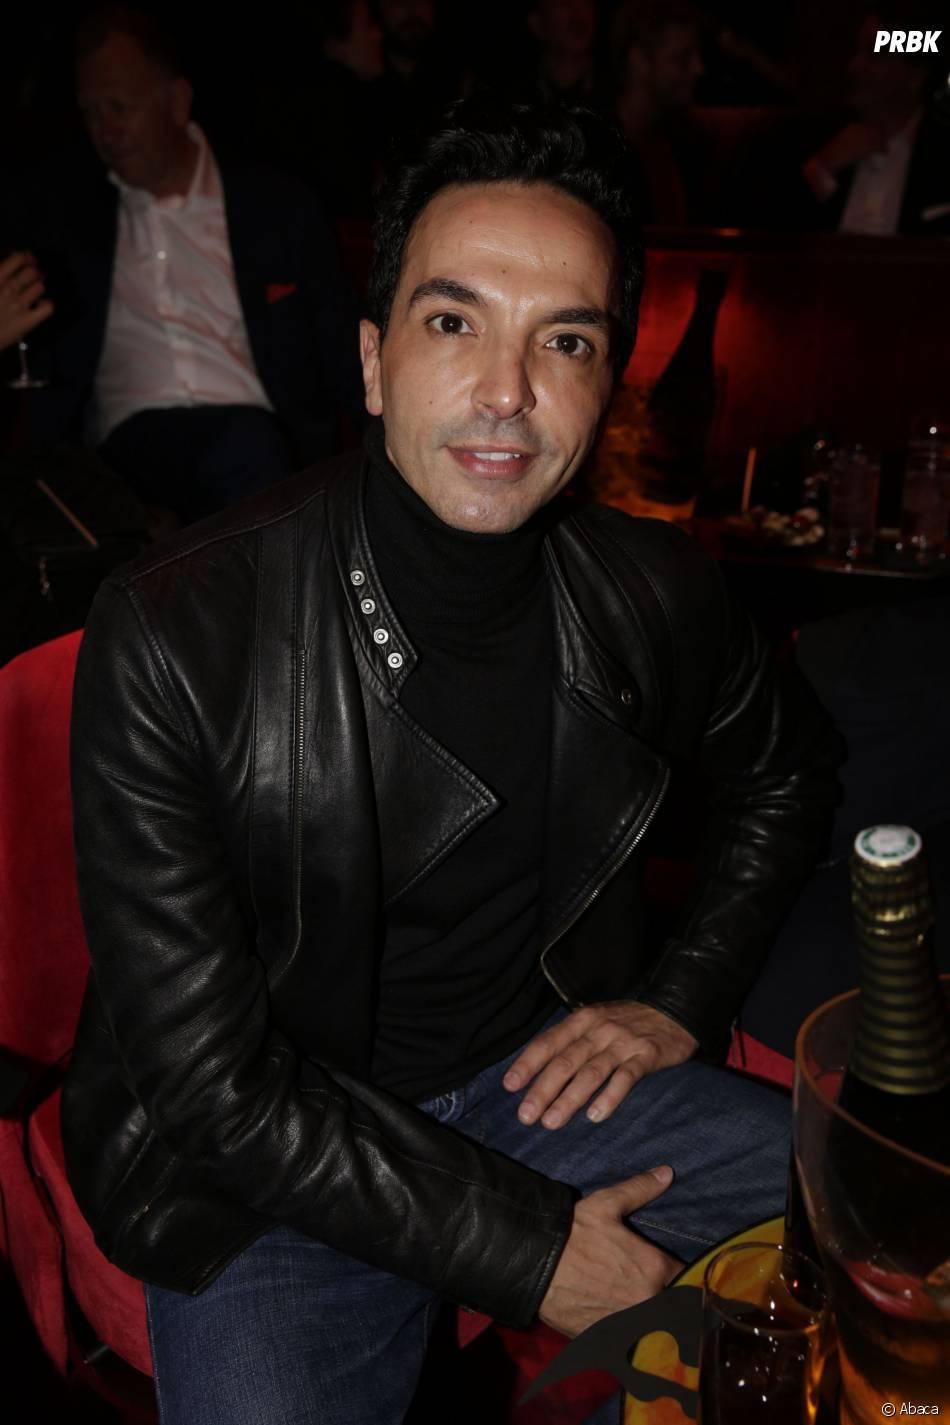 Concert de Conchitat Wurst dimanche 9 novembre 2014 au Crazy Horse à Paris : Kamel Ouali